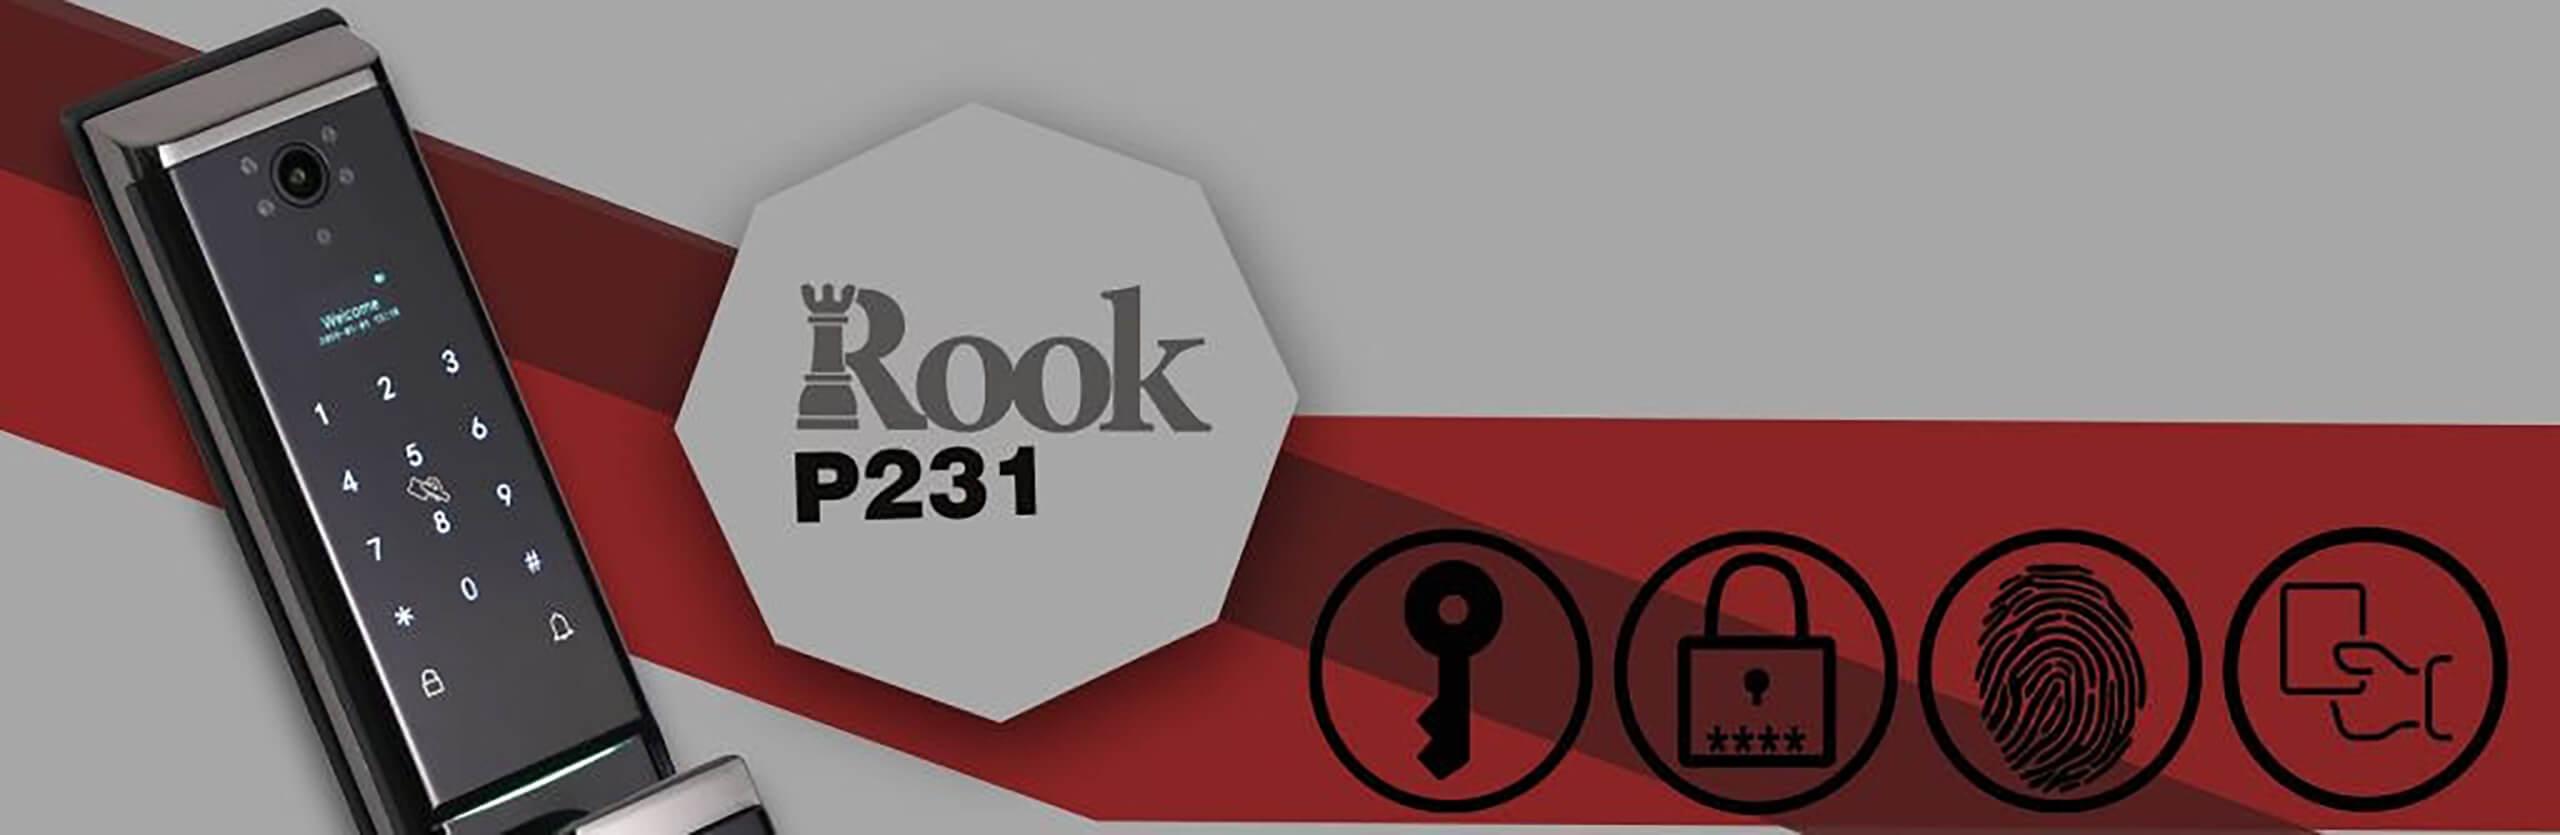 قفل-دیجیتال-روک-P231